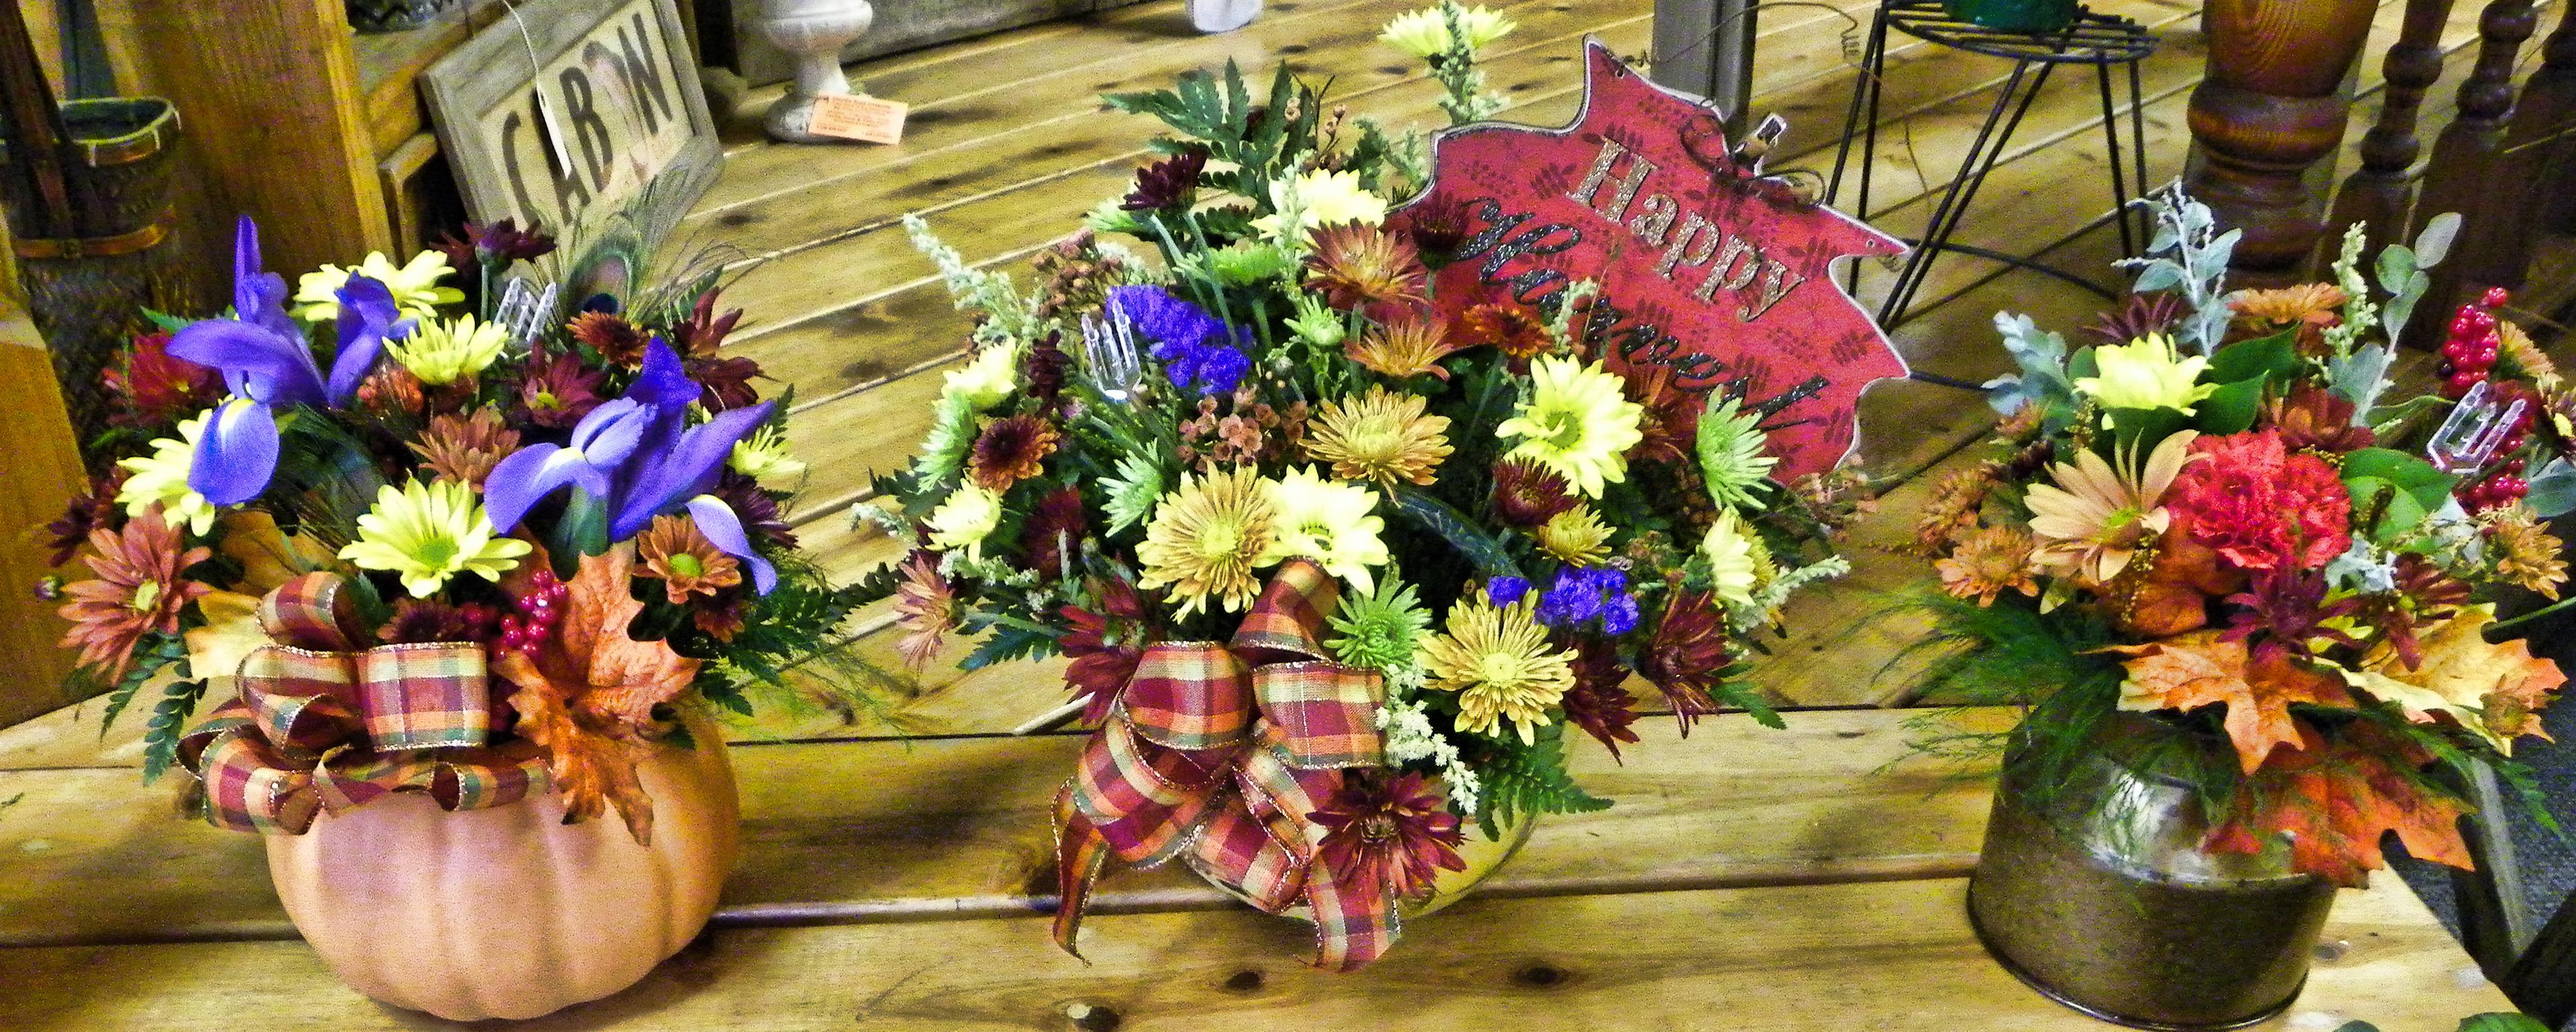 Ortonville Flower Shop